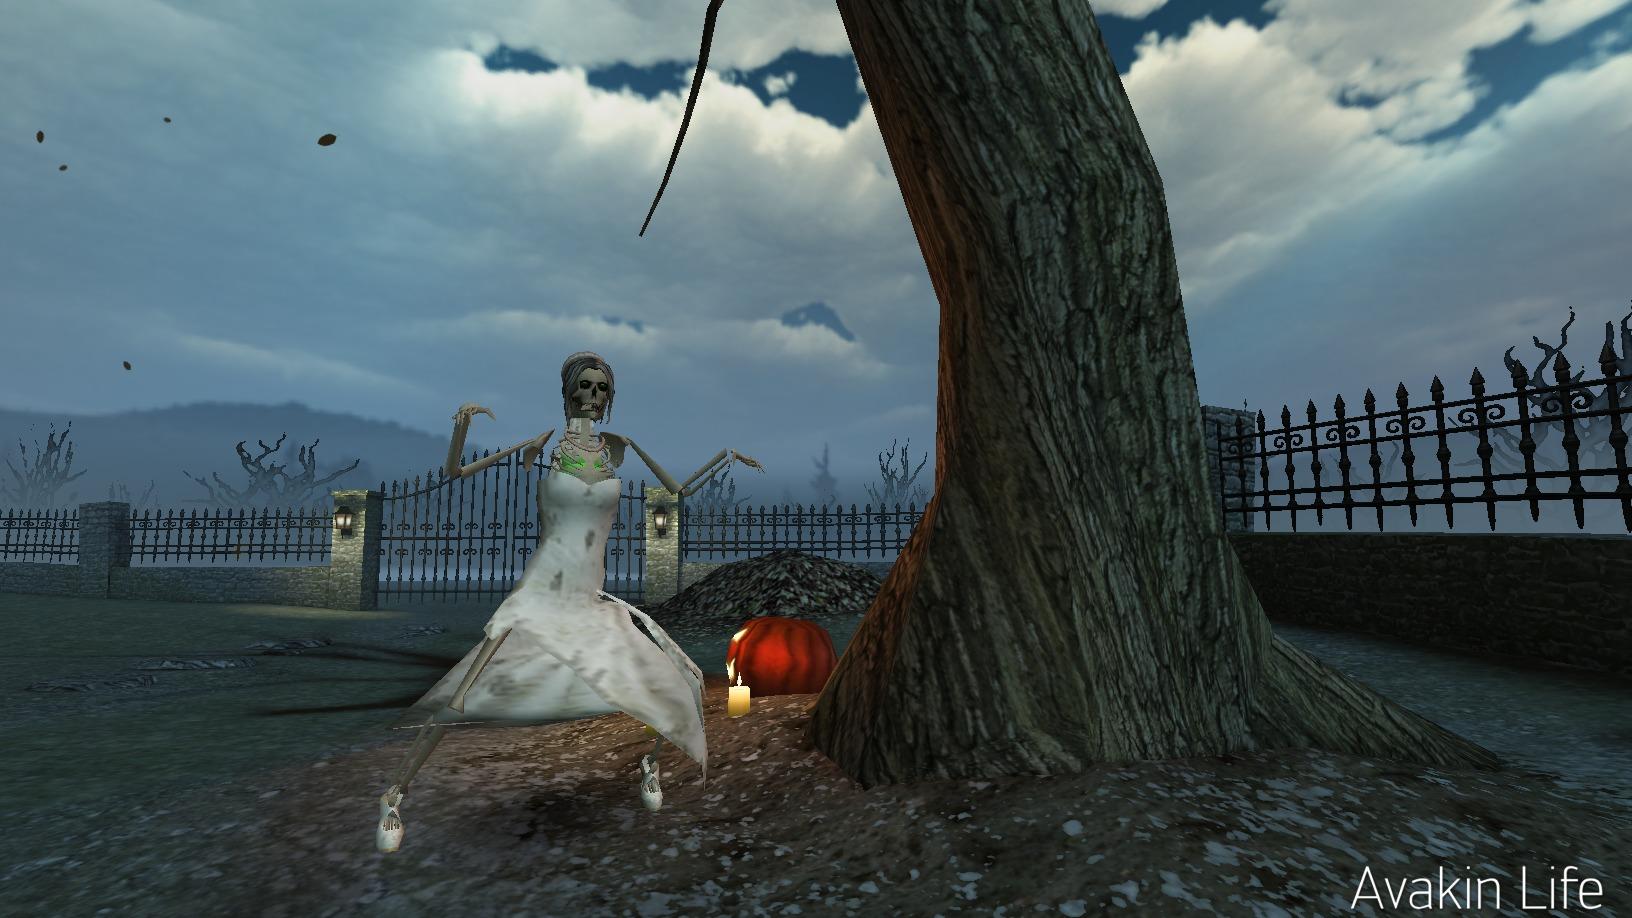 【アバキンライフ】ハロウィンイベント第2段とは